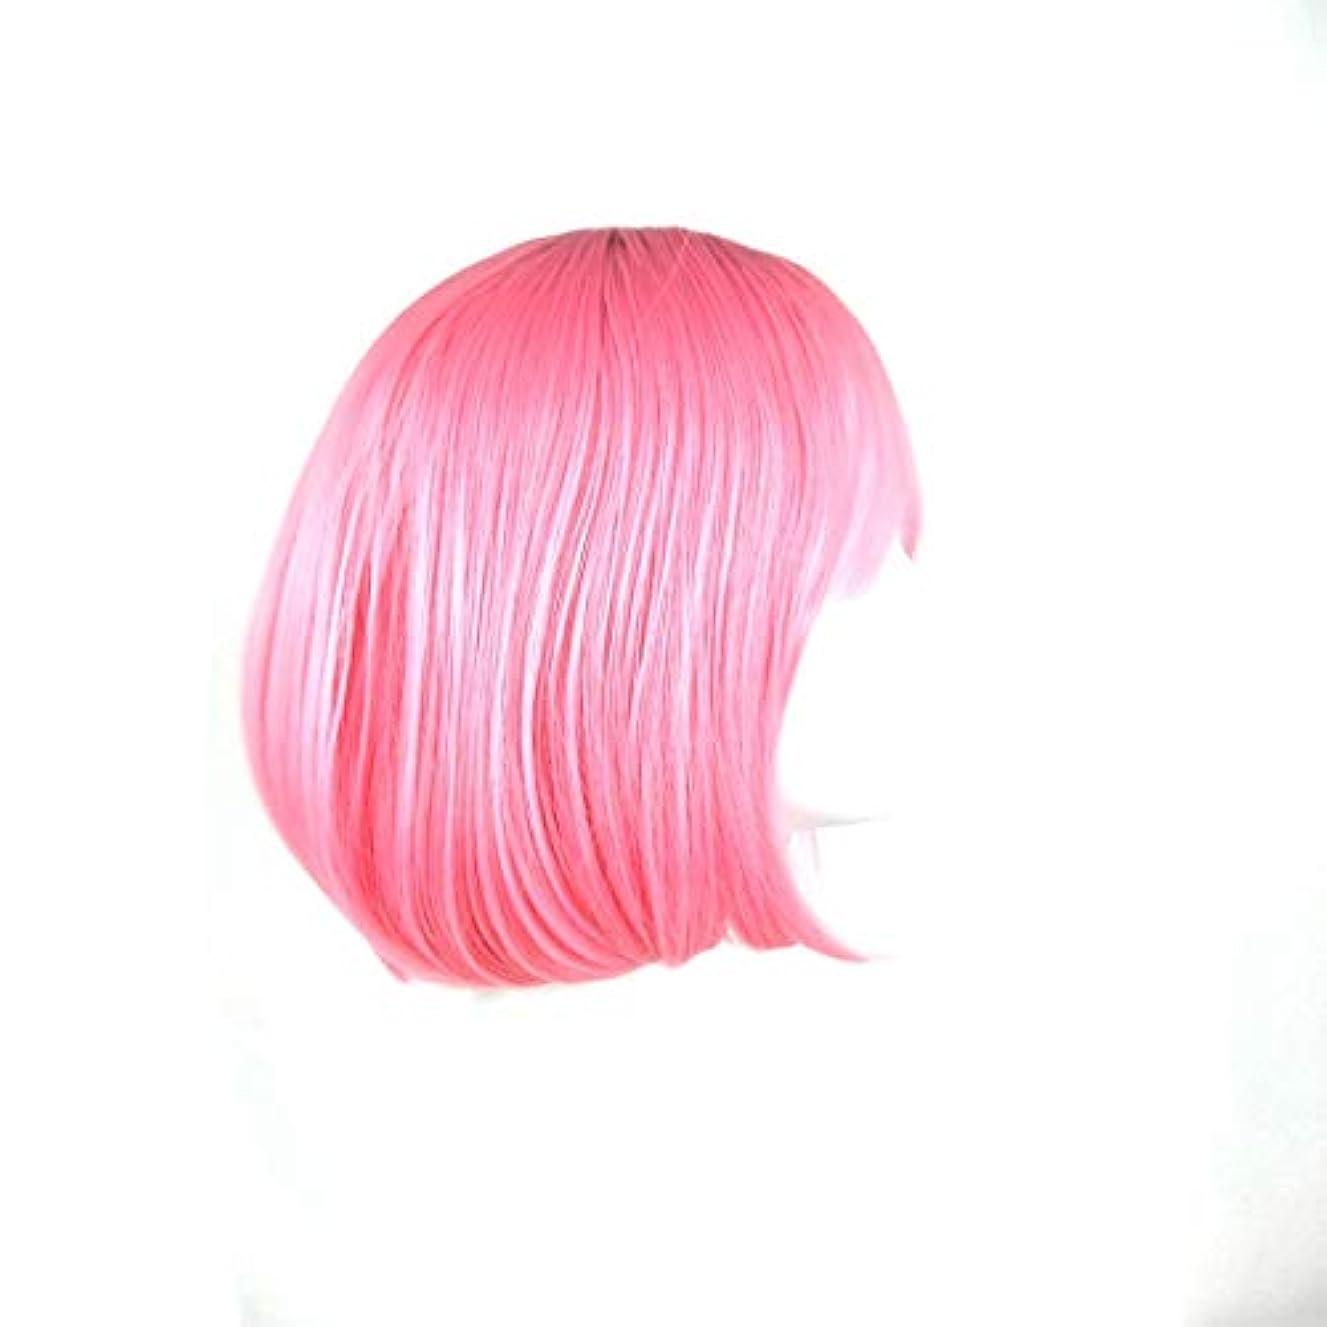 組み込むフローティングパトロールKerwinner ピンクのかつらショートストレートヘアーボブウィッグ人工毛ナチュラルな耐熱性女性用